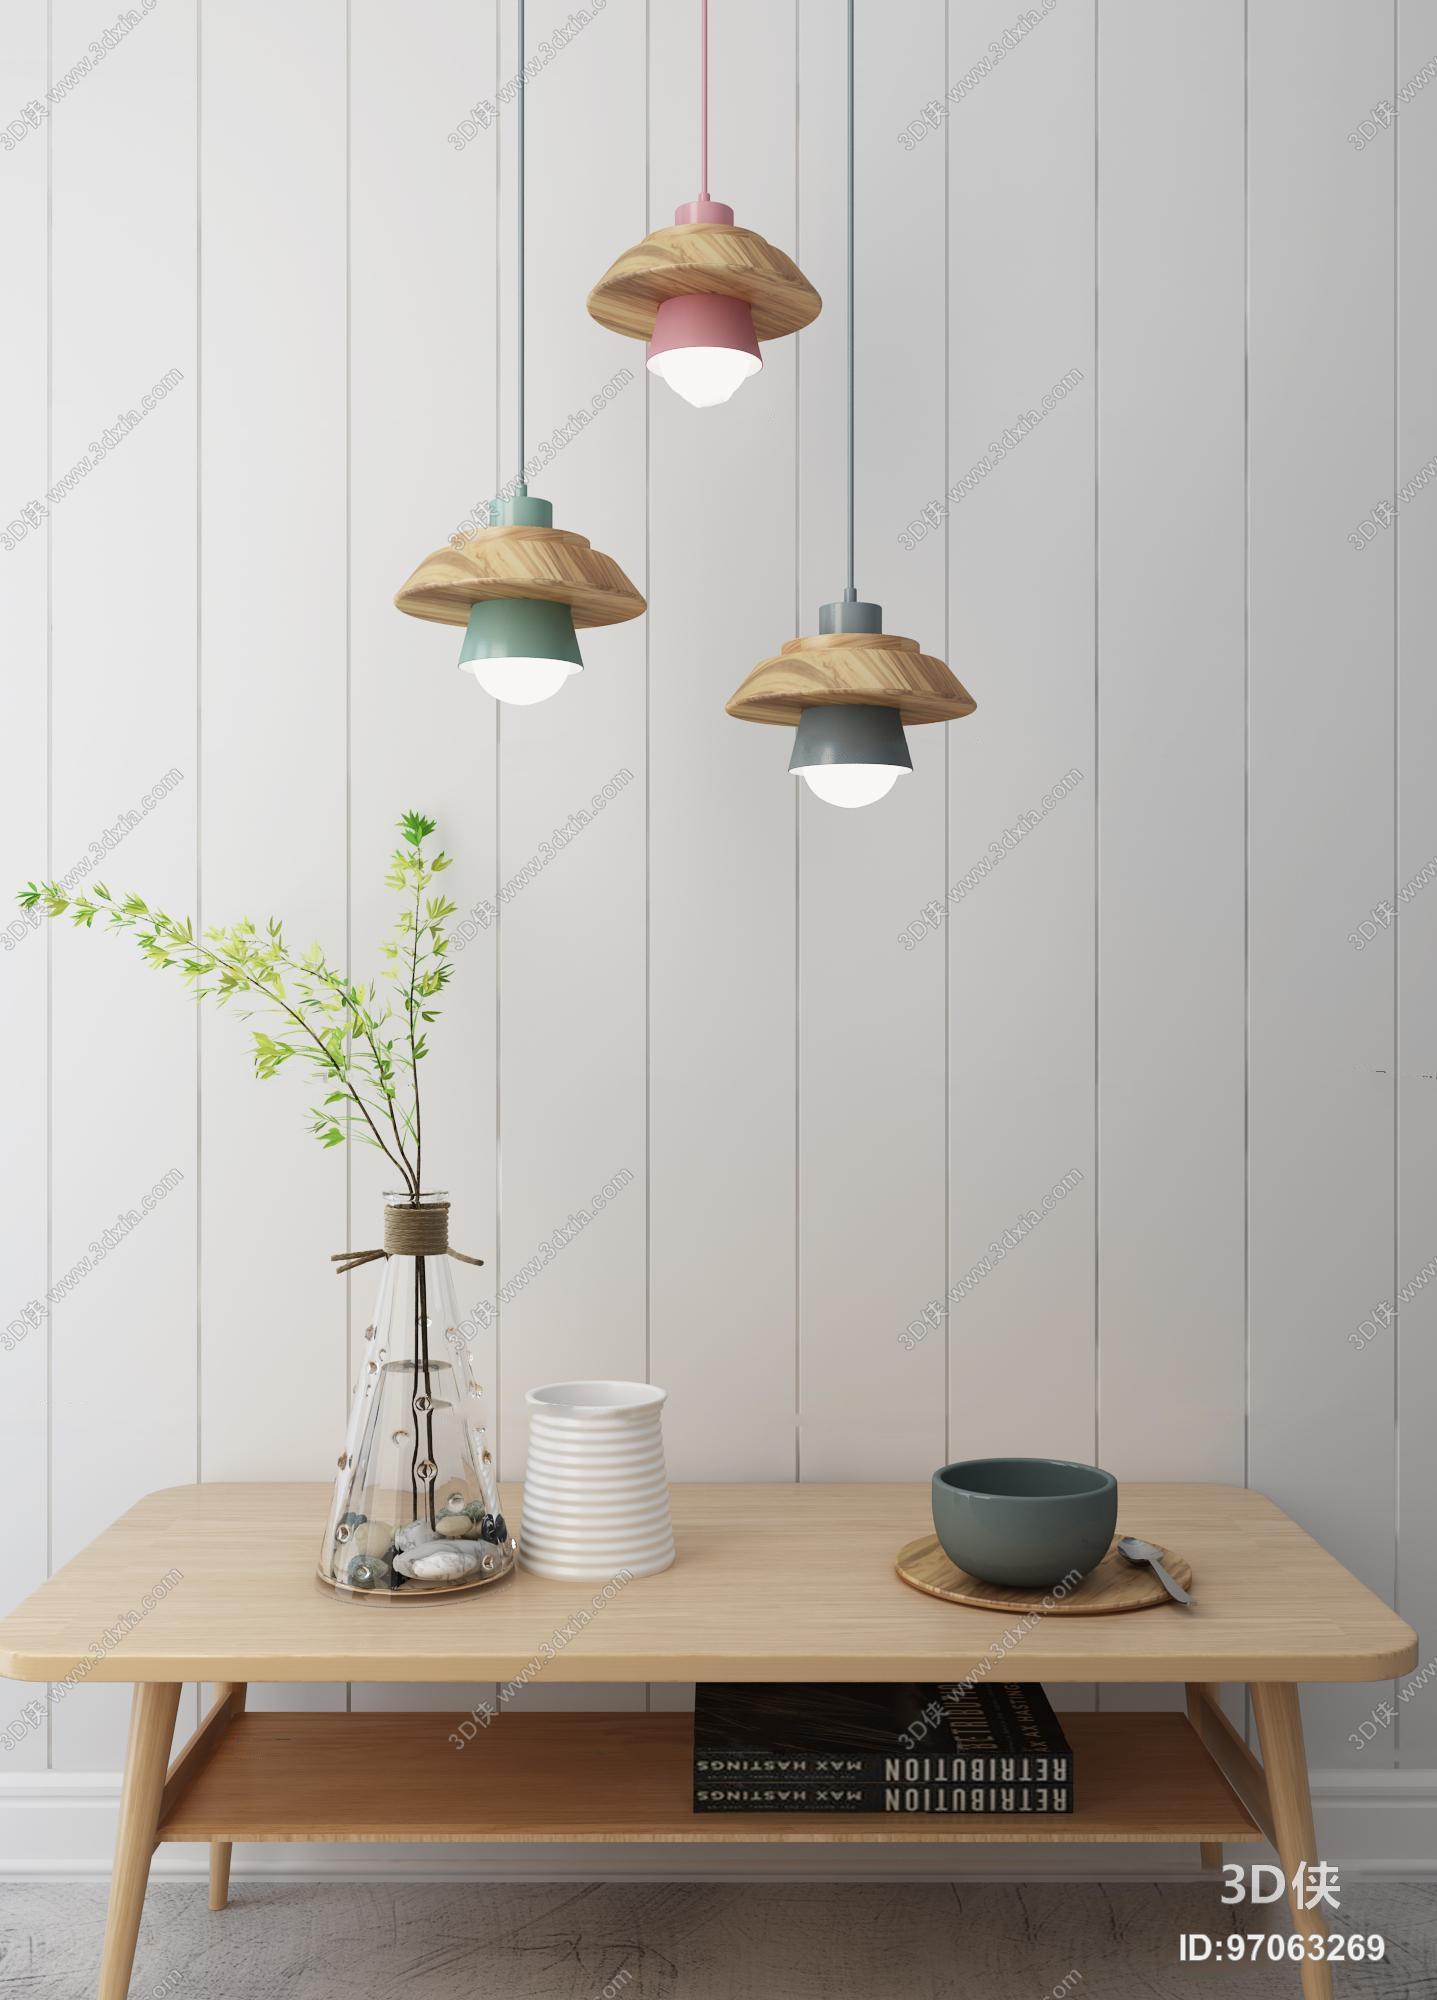 北欧实木吊灯茶几摆件3D模型